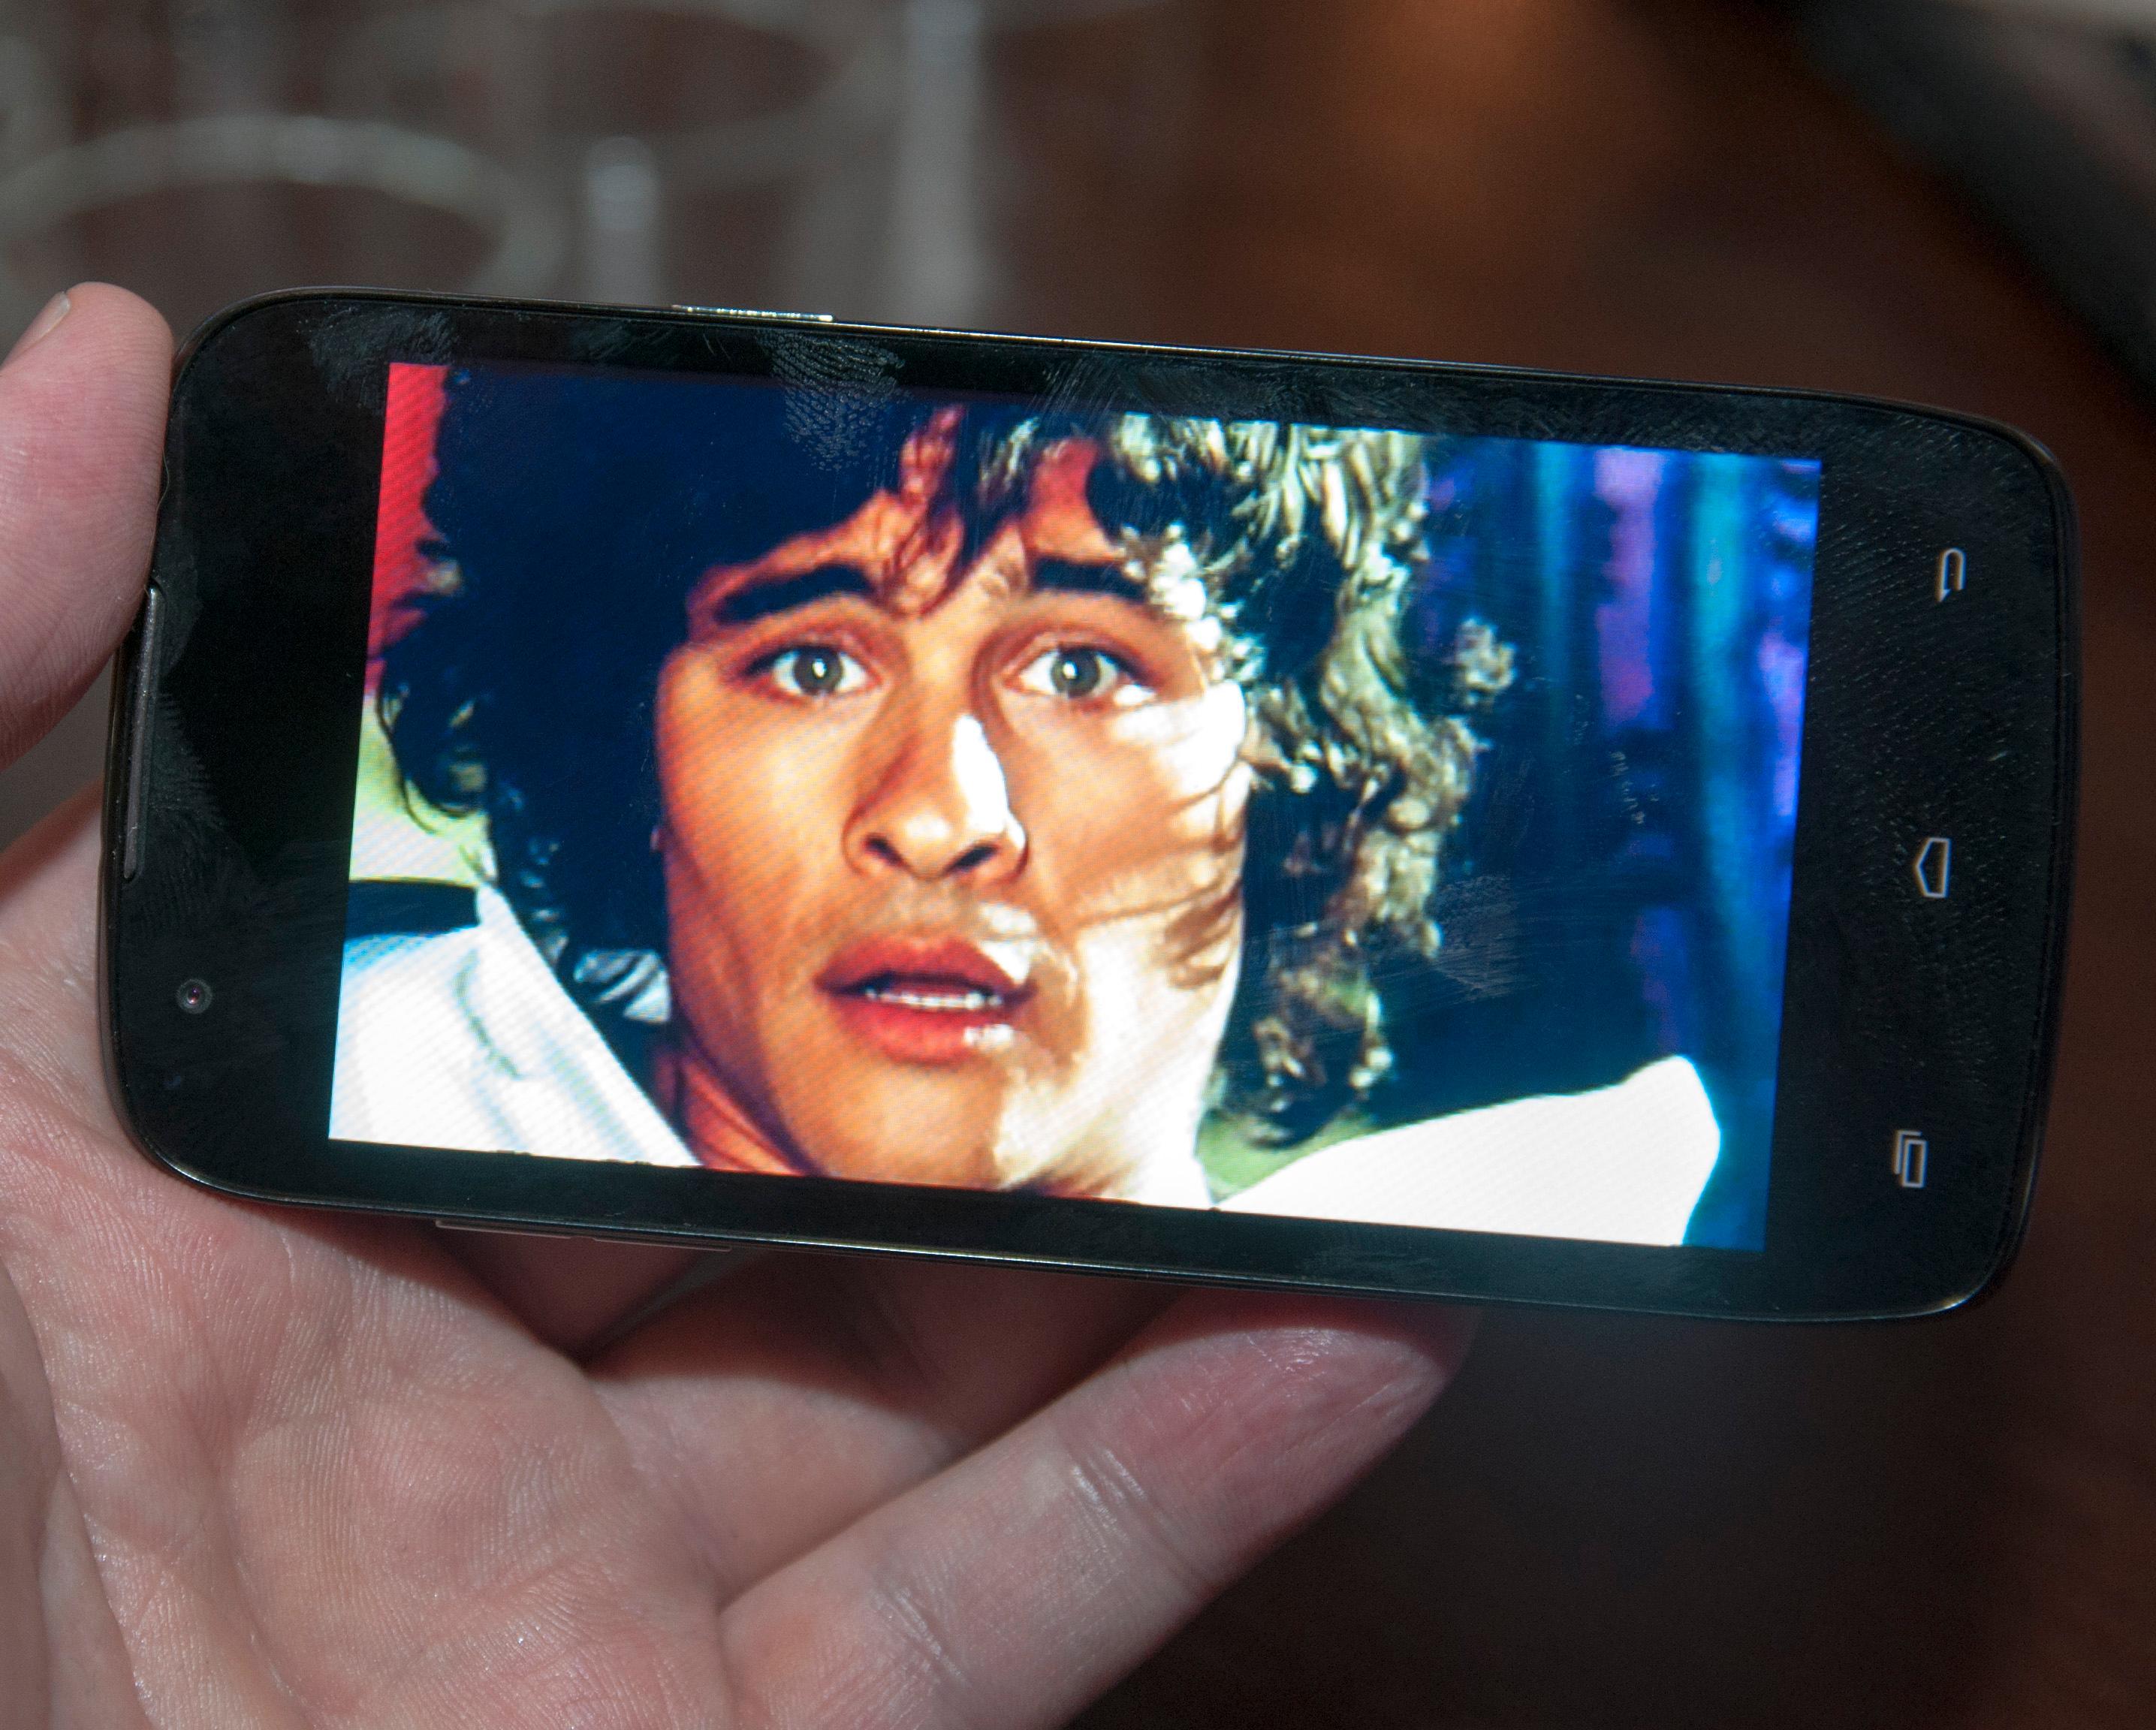 Trooper-telefonene har relativt skuffende skjermer, alle som en. Thunder-serien har langt bedre skjermer, selv om heller ikke disse er i absolutt toppklasse.Foto: Finn Jarle Kvalheim, Amobil.no